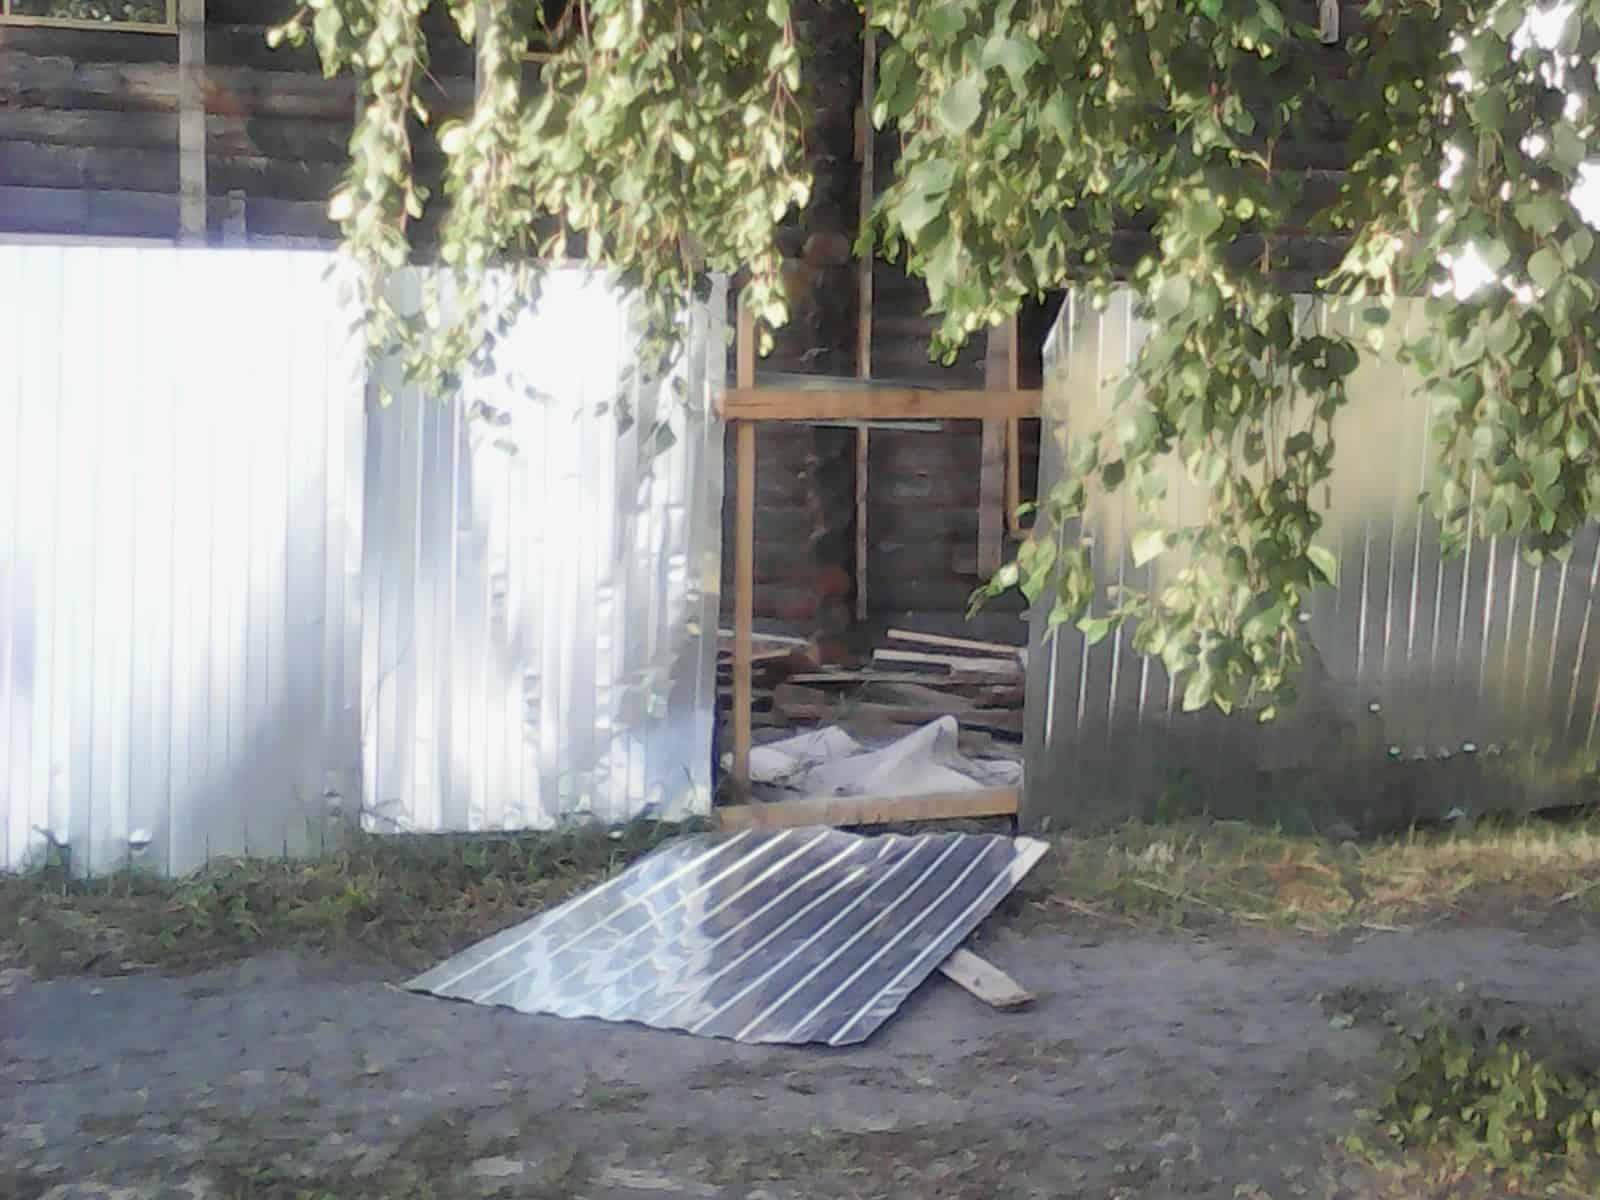 23 июня 2019, Дом Богданова, фото Ю.Свинцовой